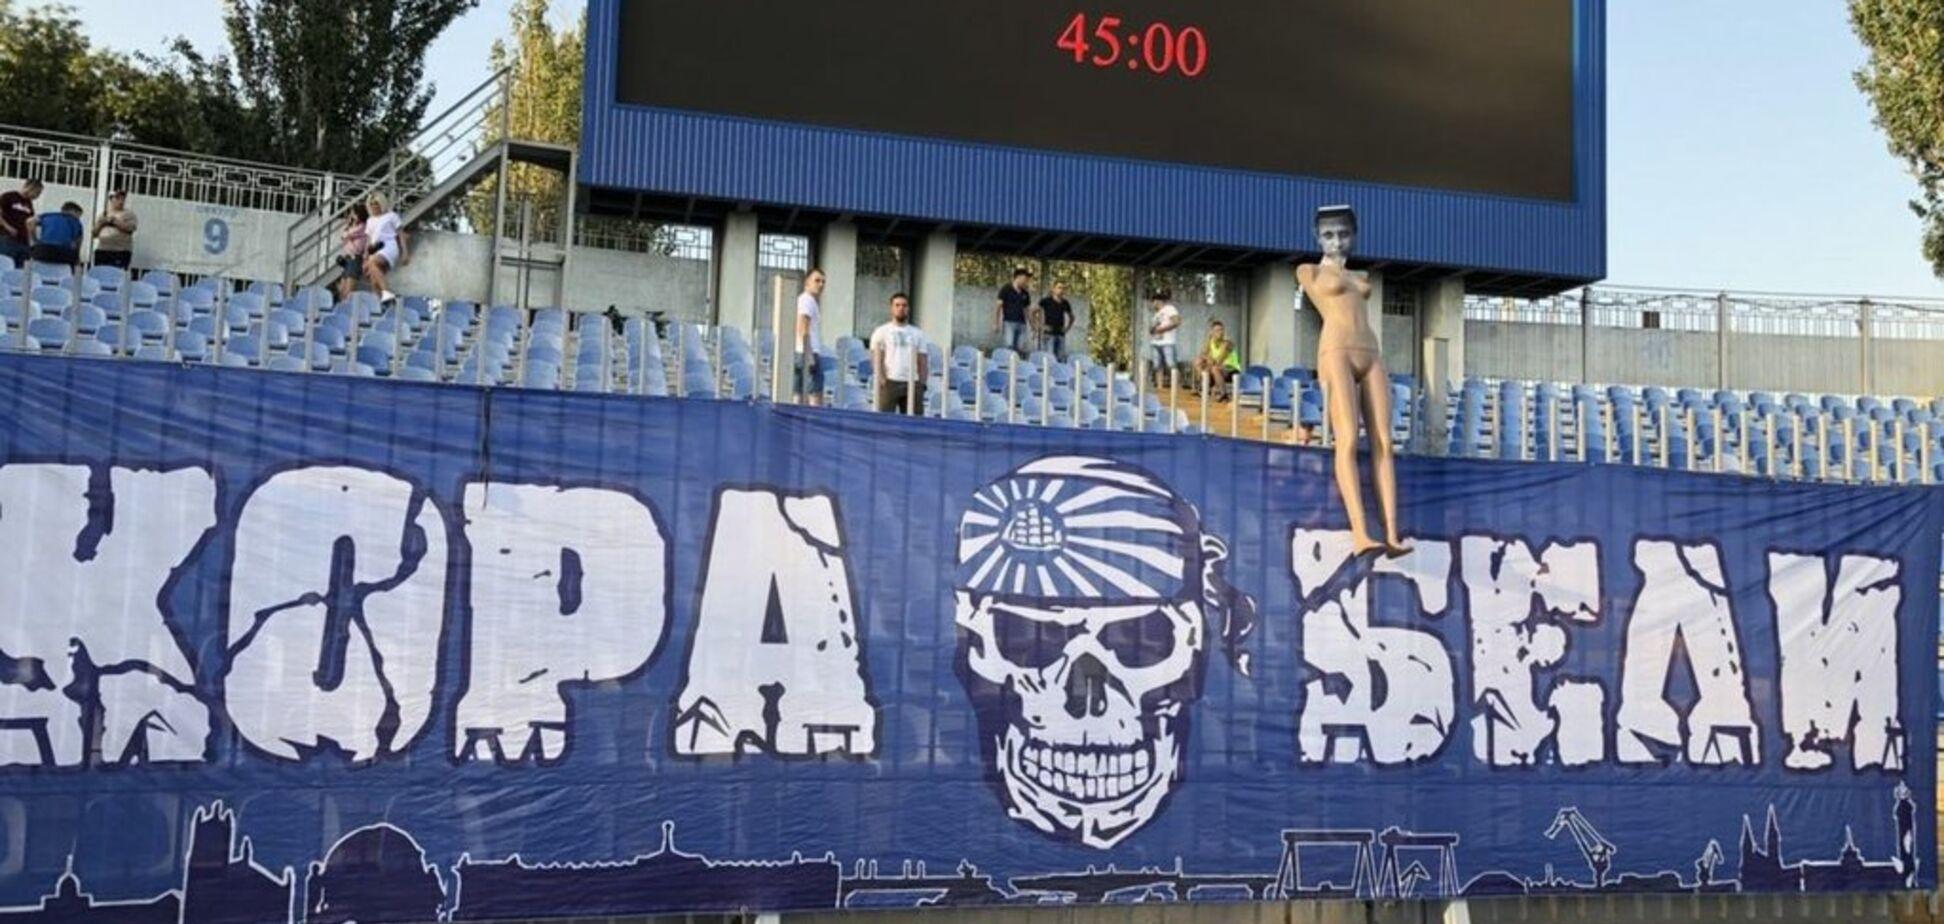 Вболівальники в Миколаєві вивісили 'труп' Захарченка - фотофакт